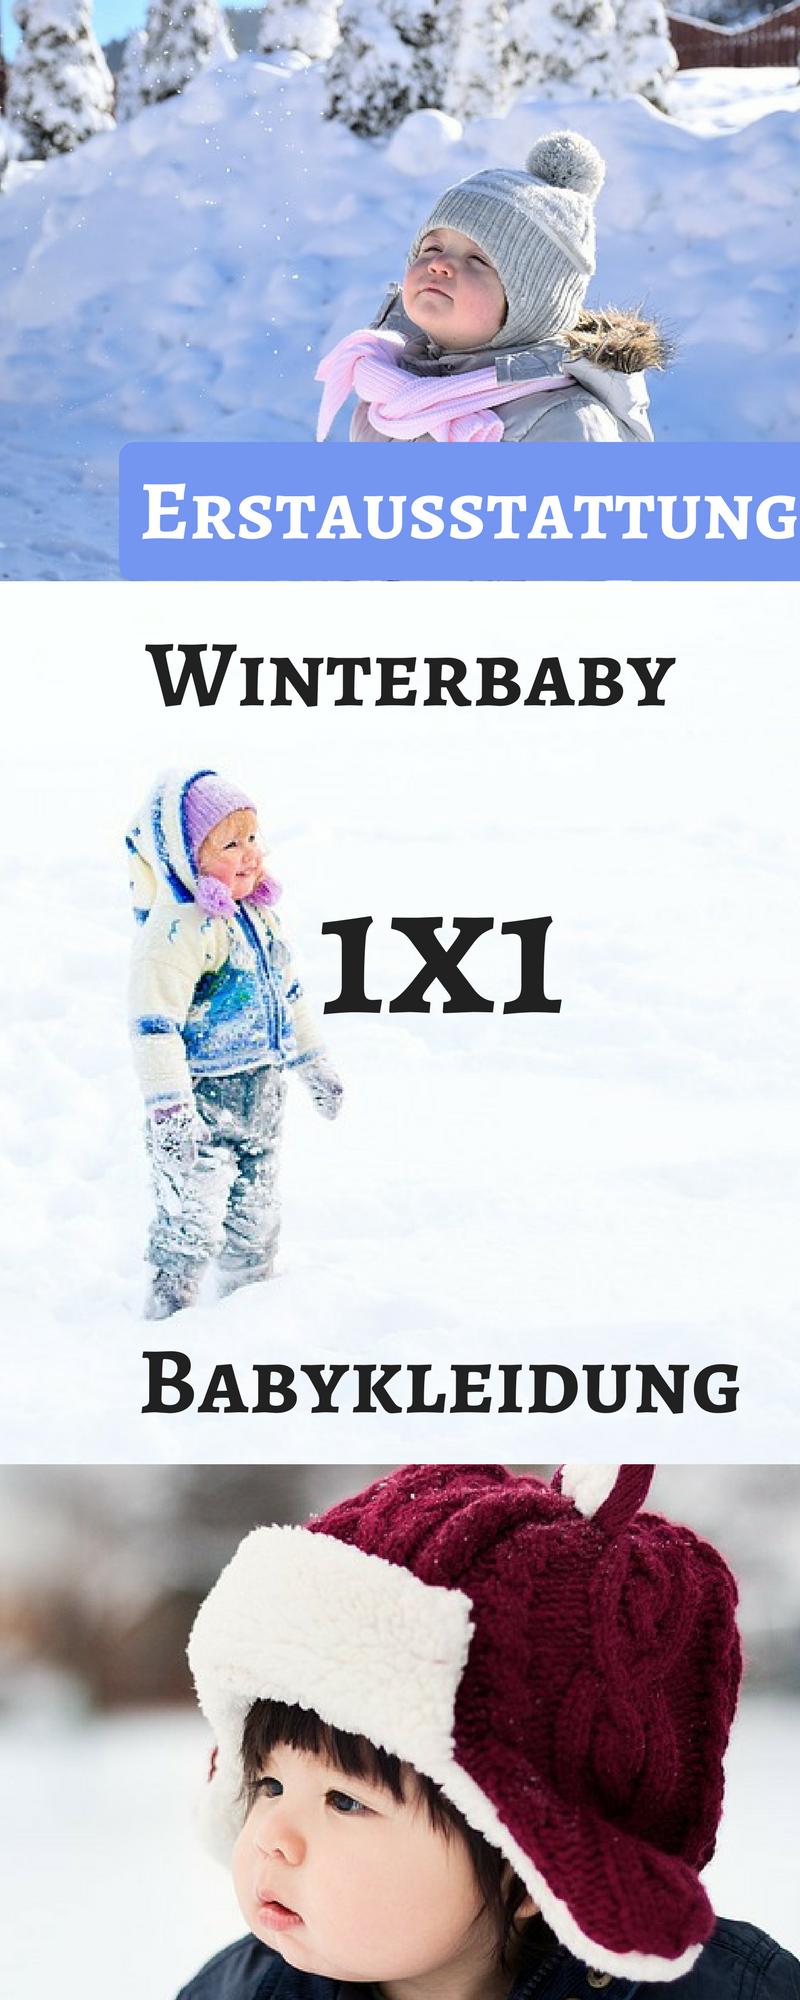 babyerstausstattung f r winterbabys 13 1 wichtige dinge. Black Bedroom Furniture Sets. Home Design Ideas